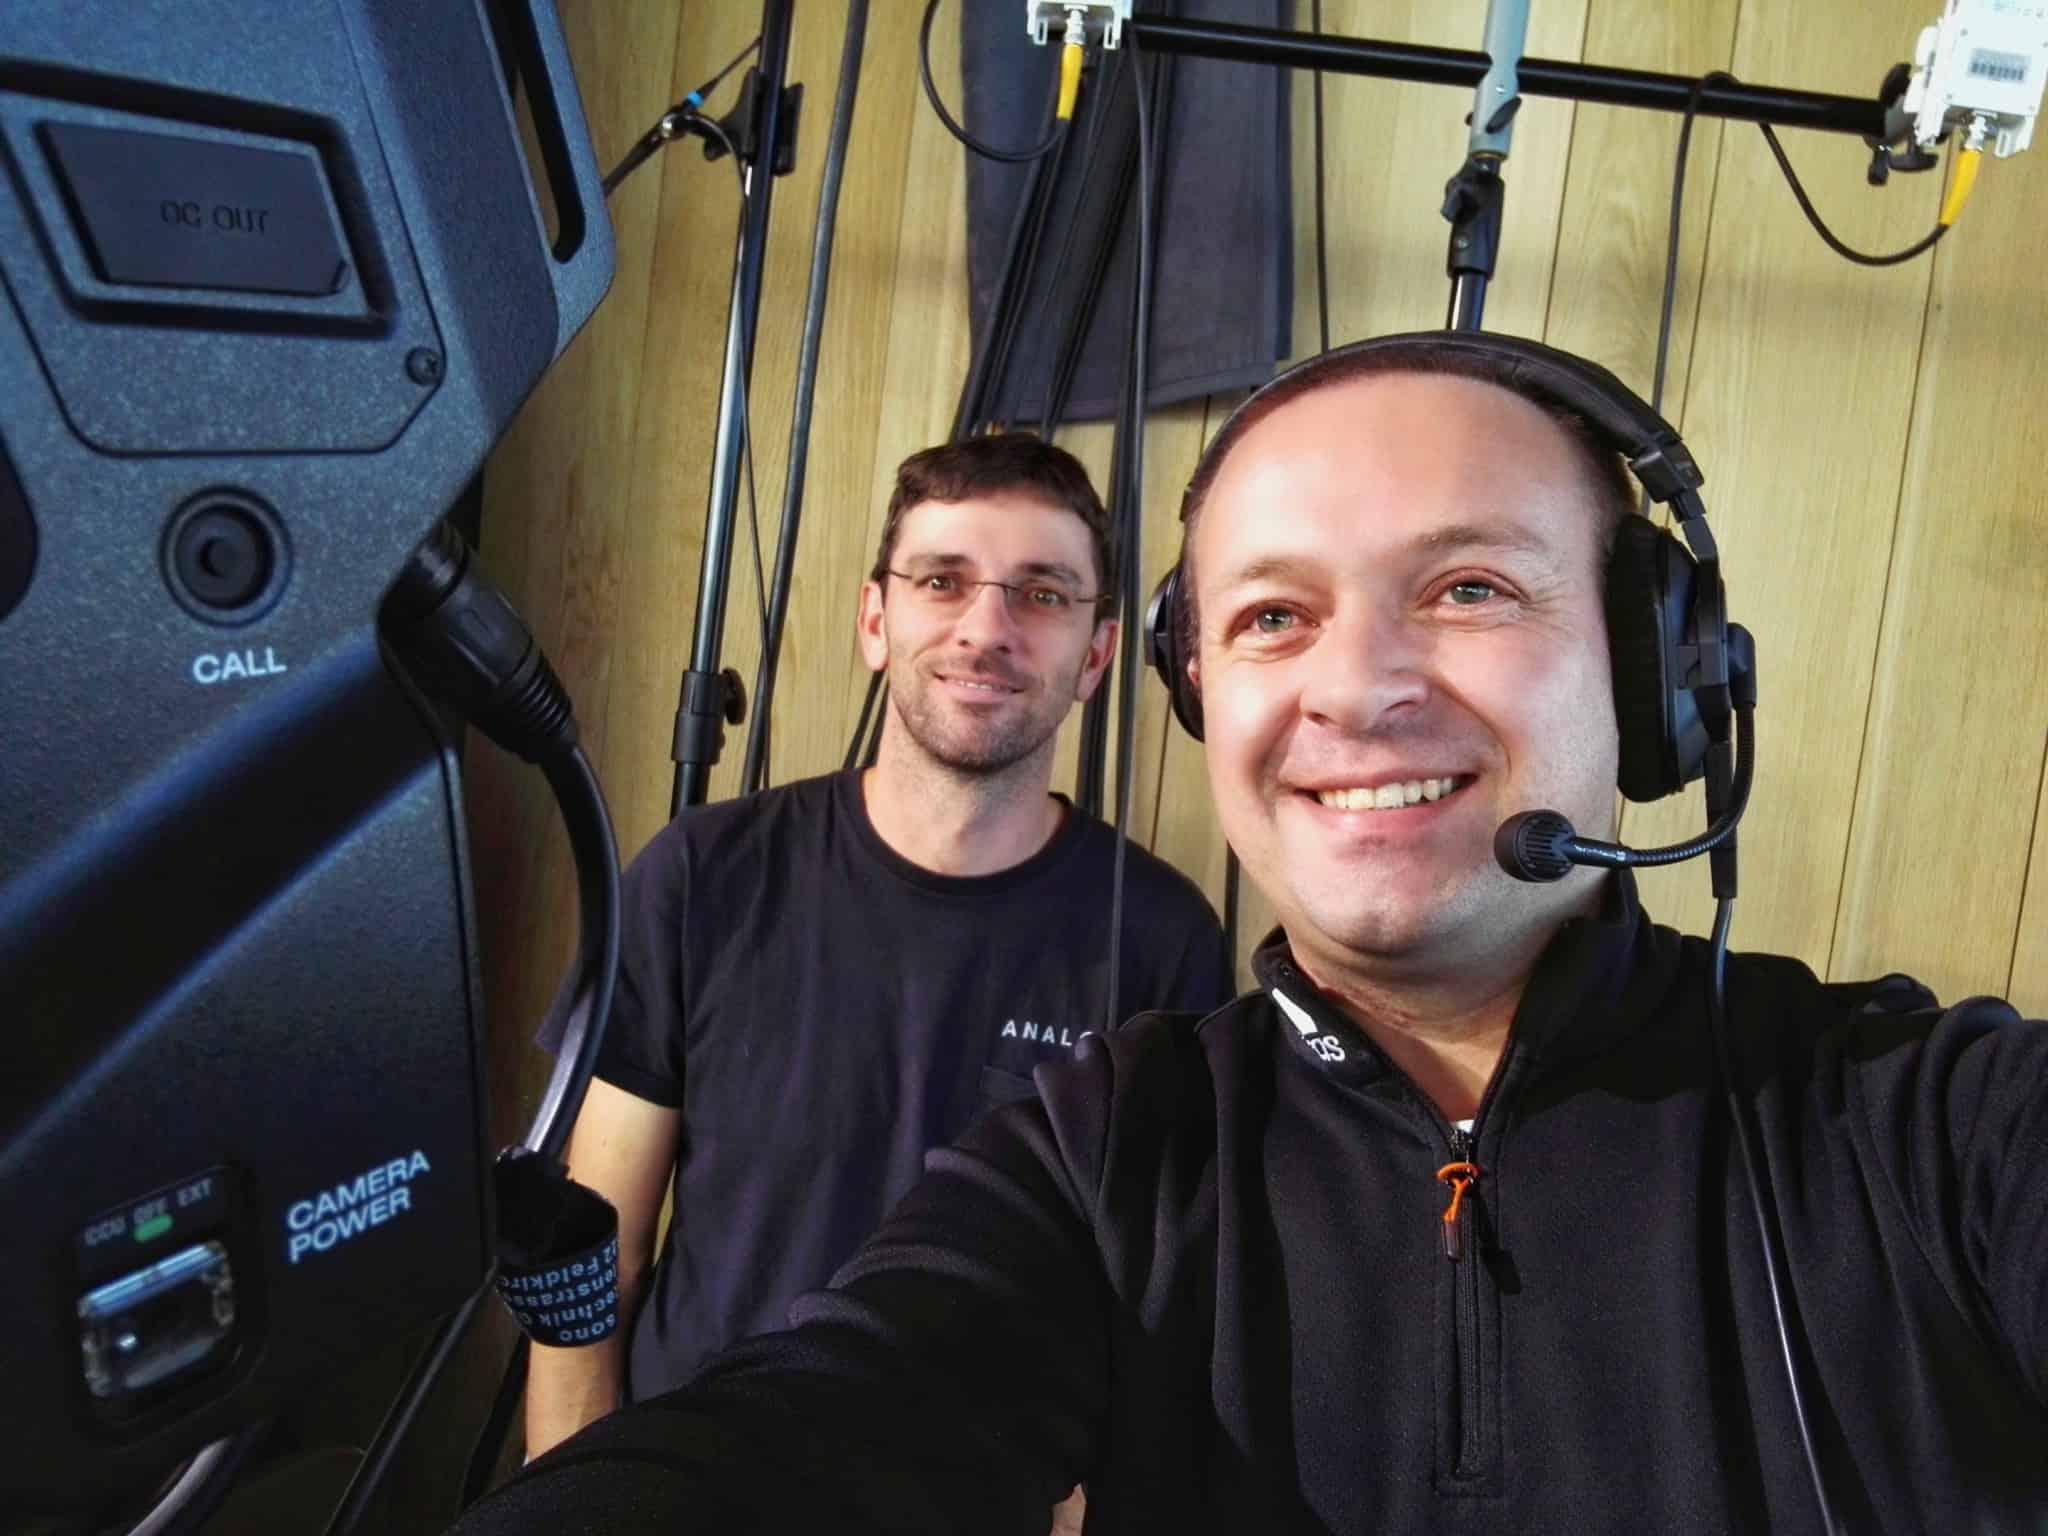 ServusTv Sport und Talk aus dem hangar7 soelden spezial 9 - ServusTV - Sport und Talk aus dem Hangar 7 - Sölden Spezial